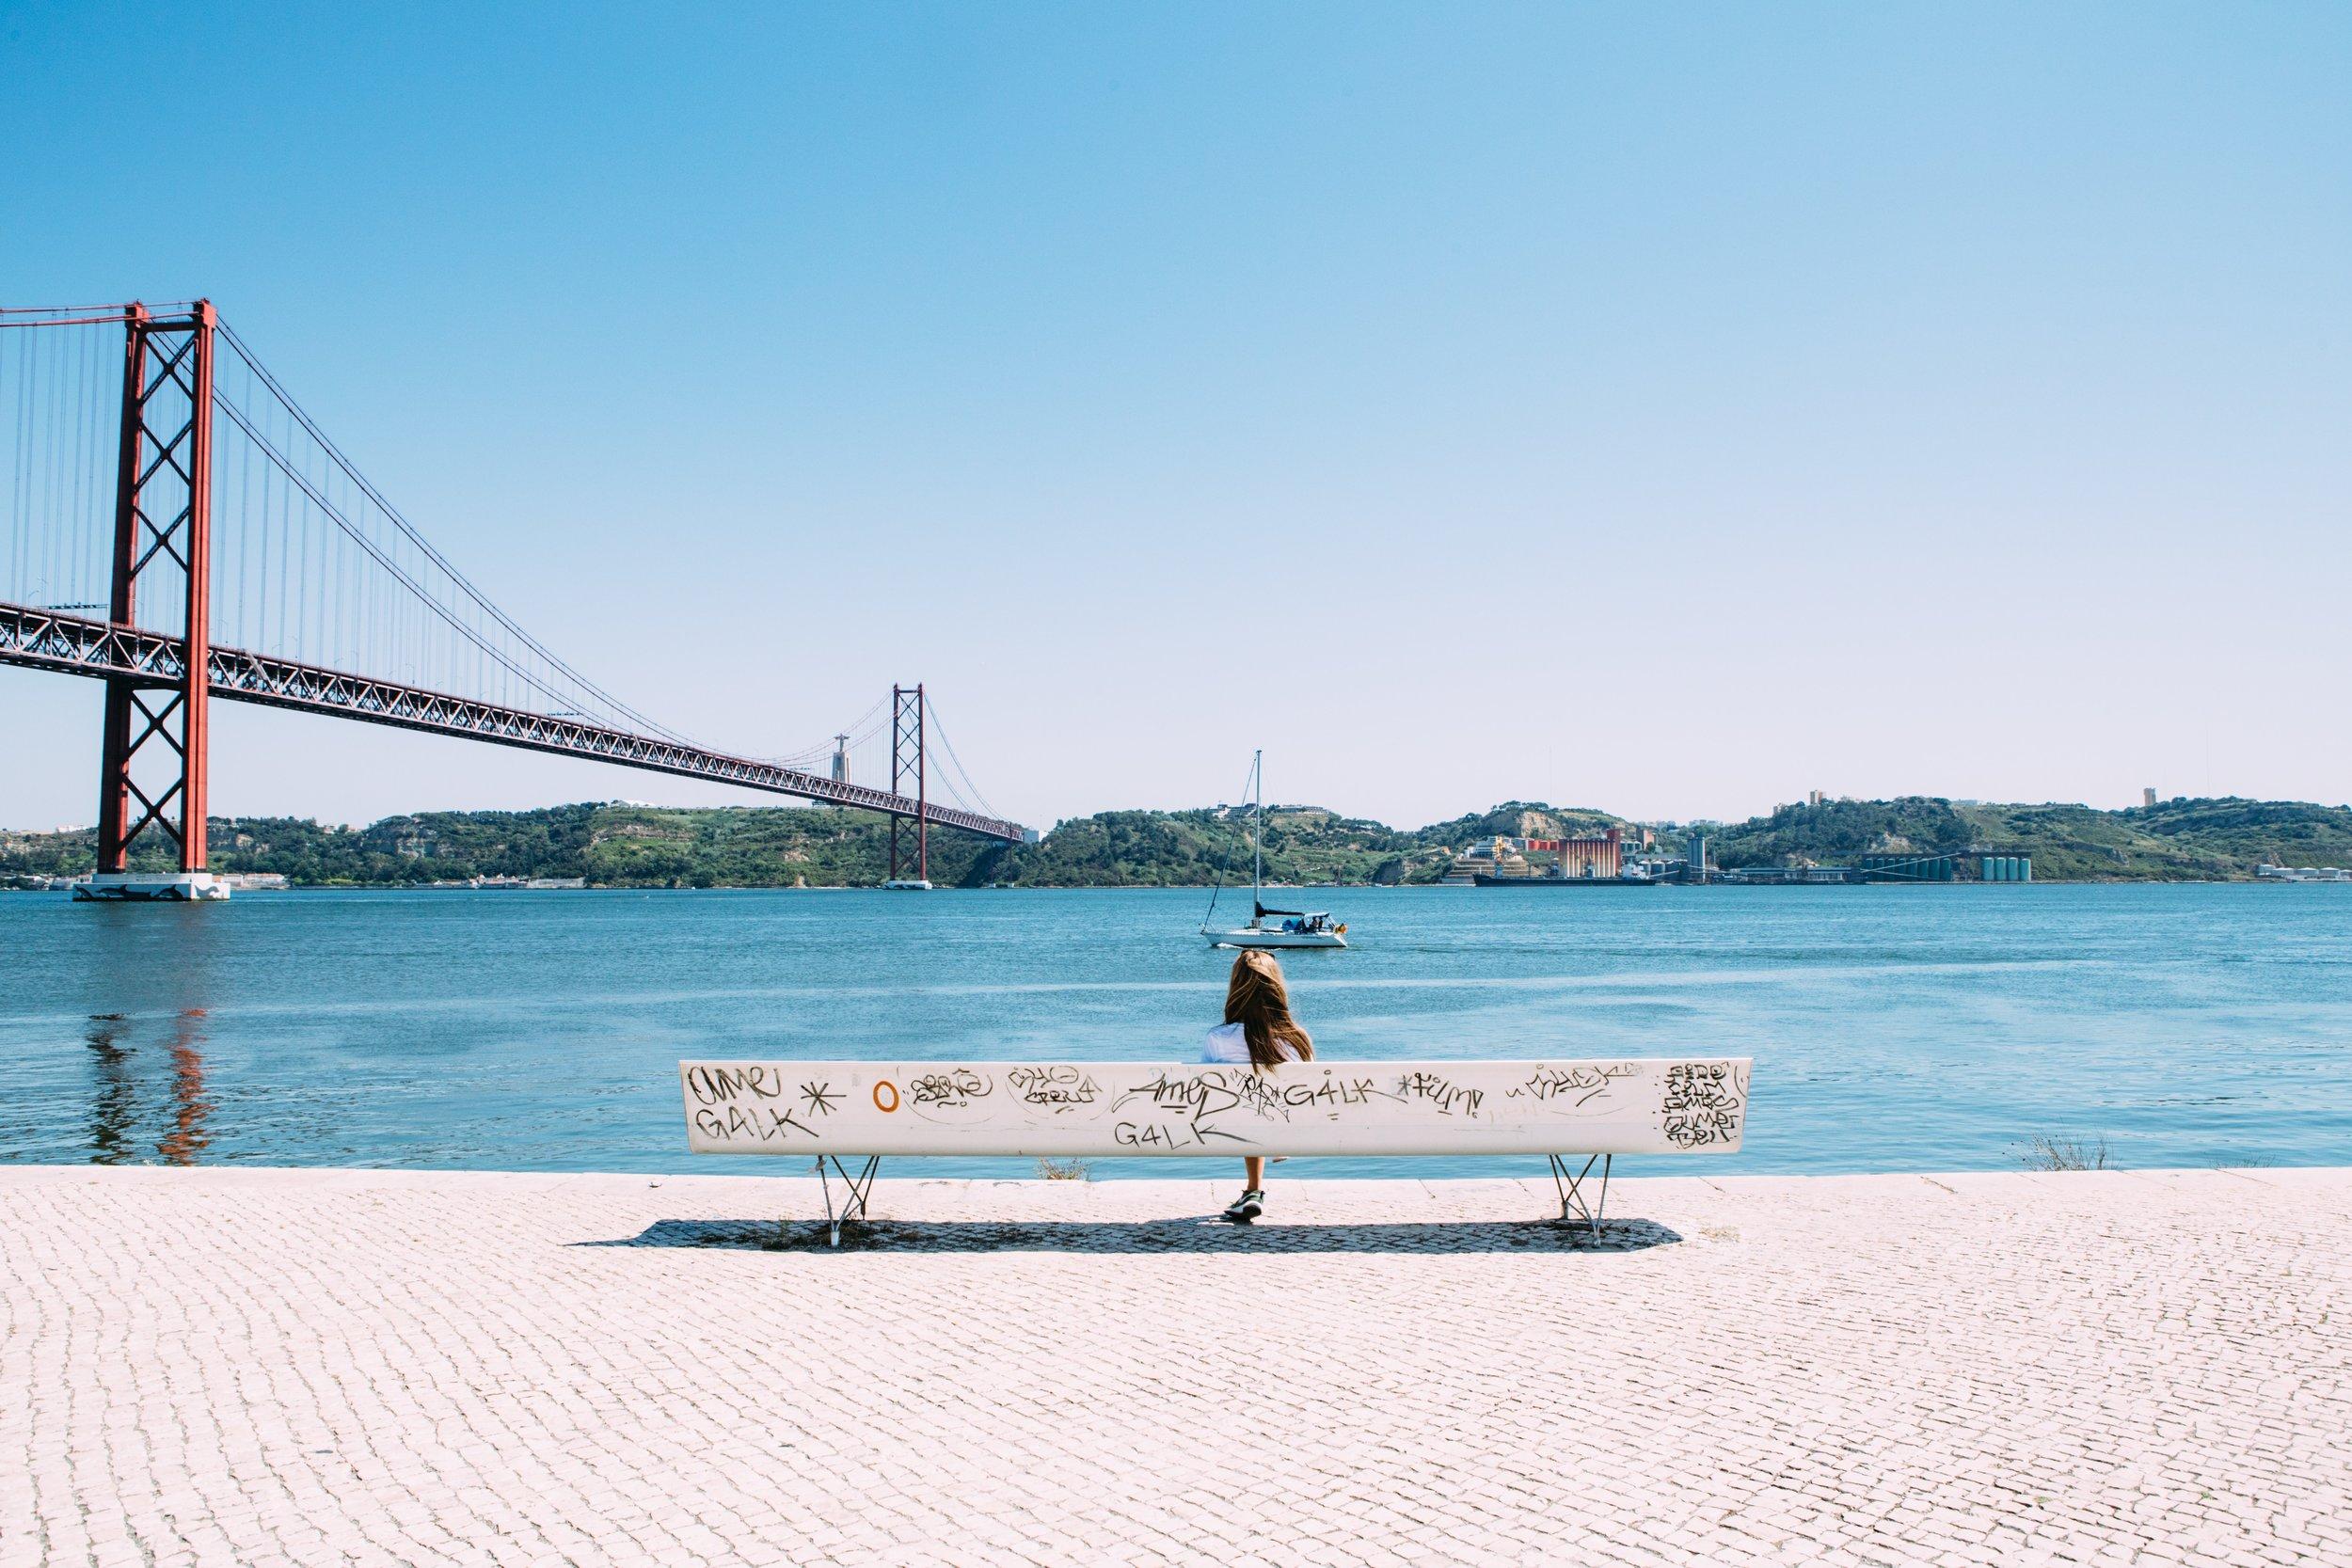 Ponte 25 de abril_Lisboa_Portugal.jpg